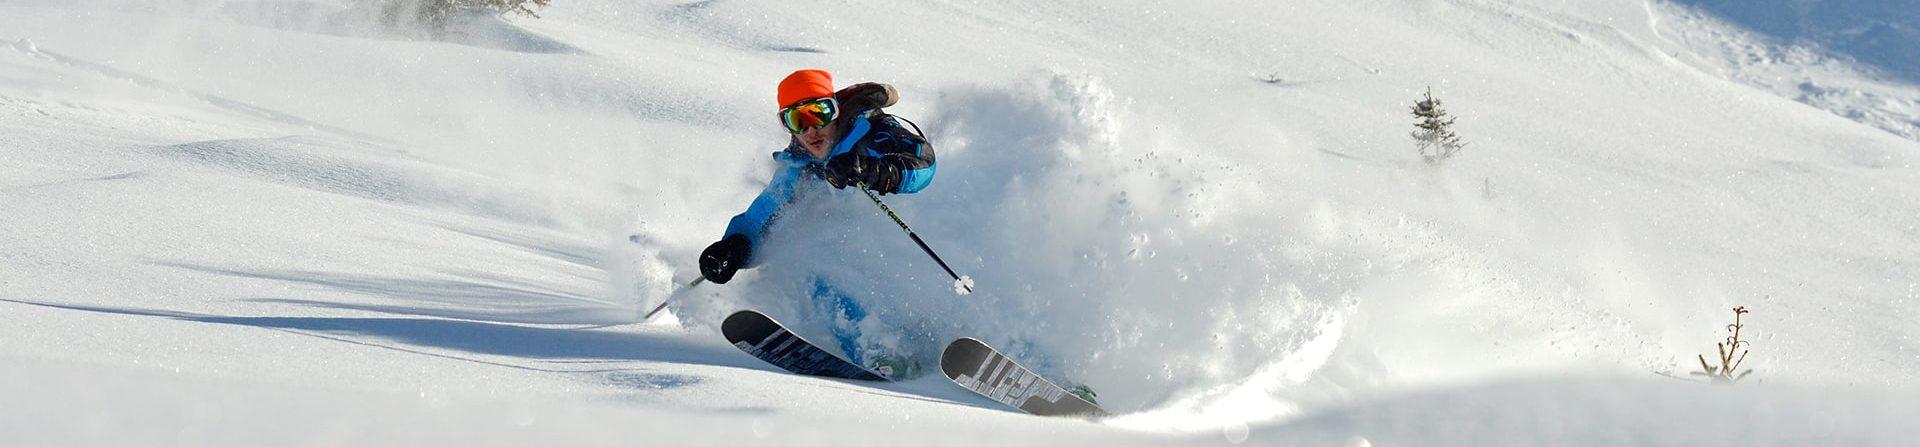 Un skieur dans la poudreuse.